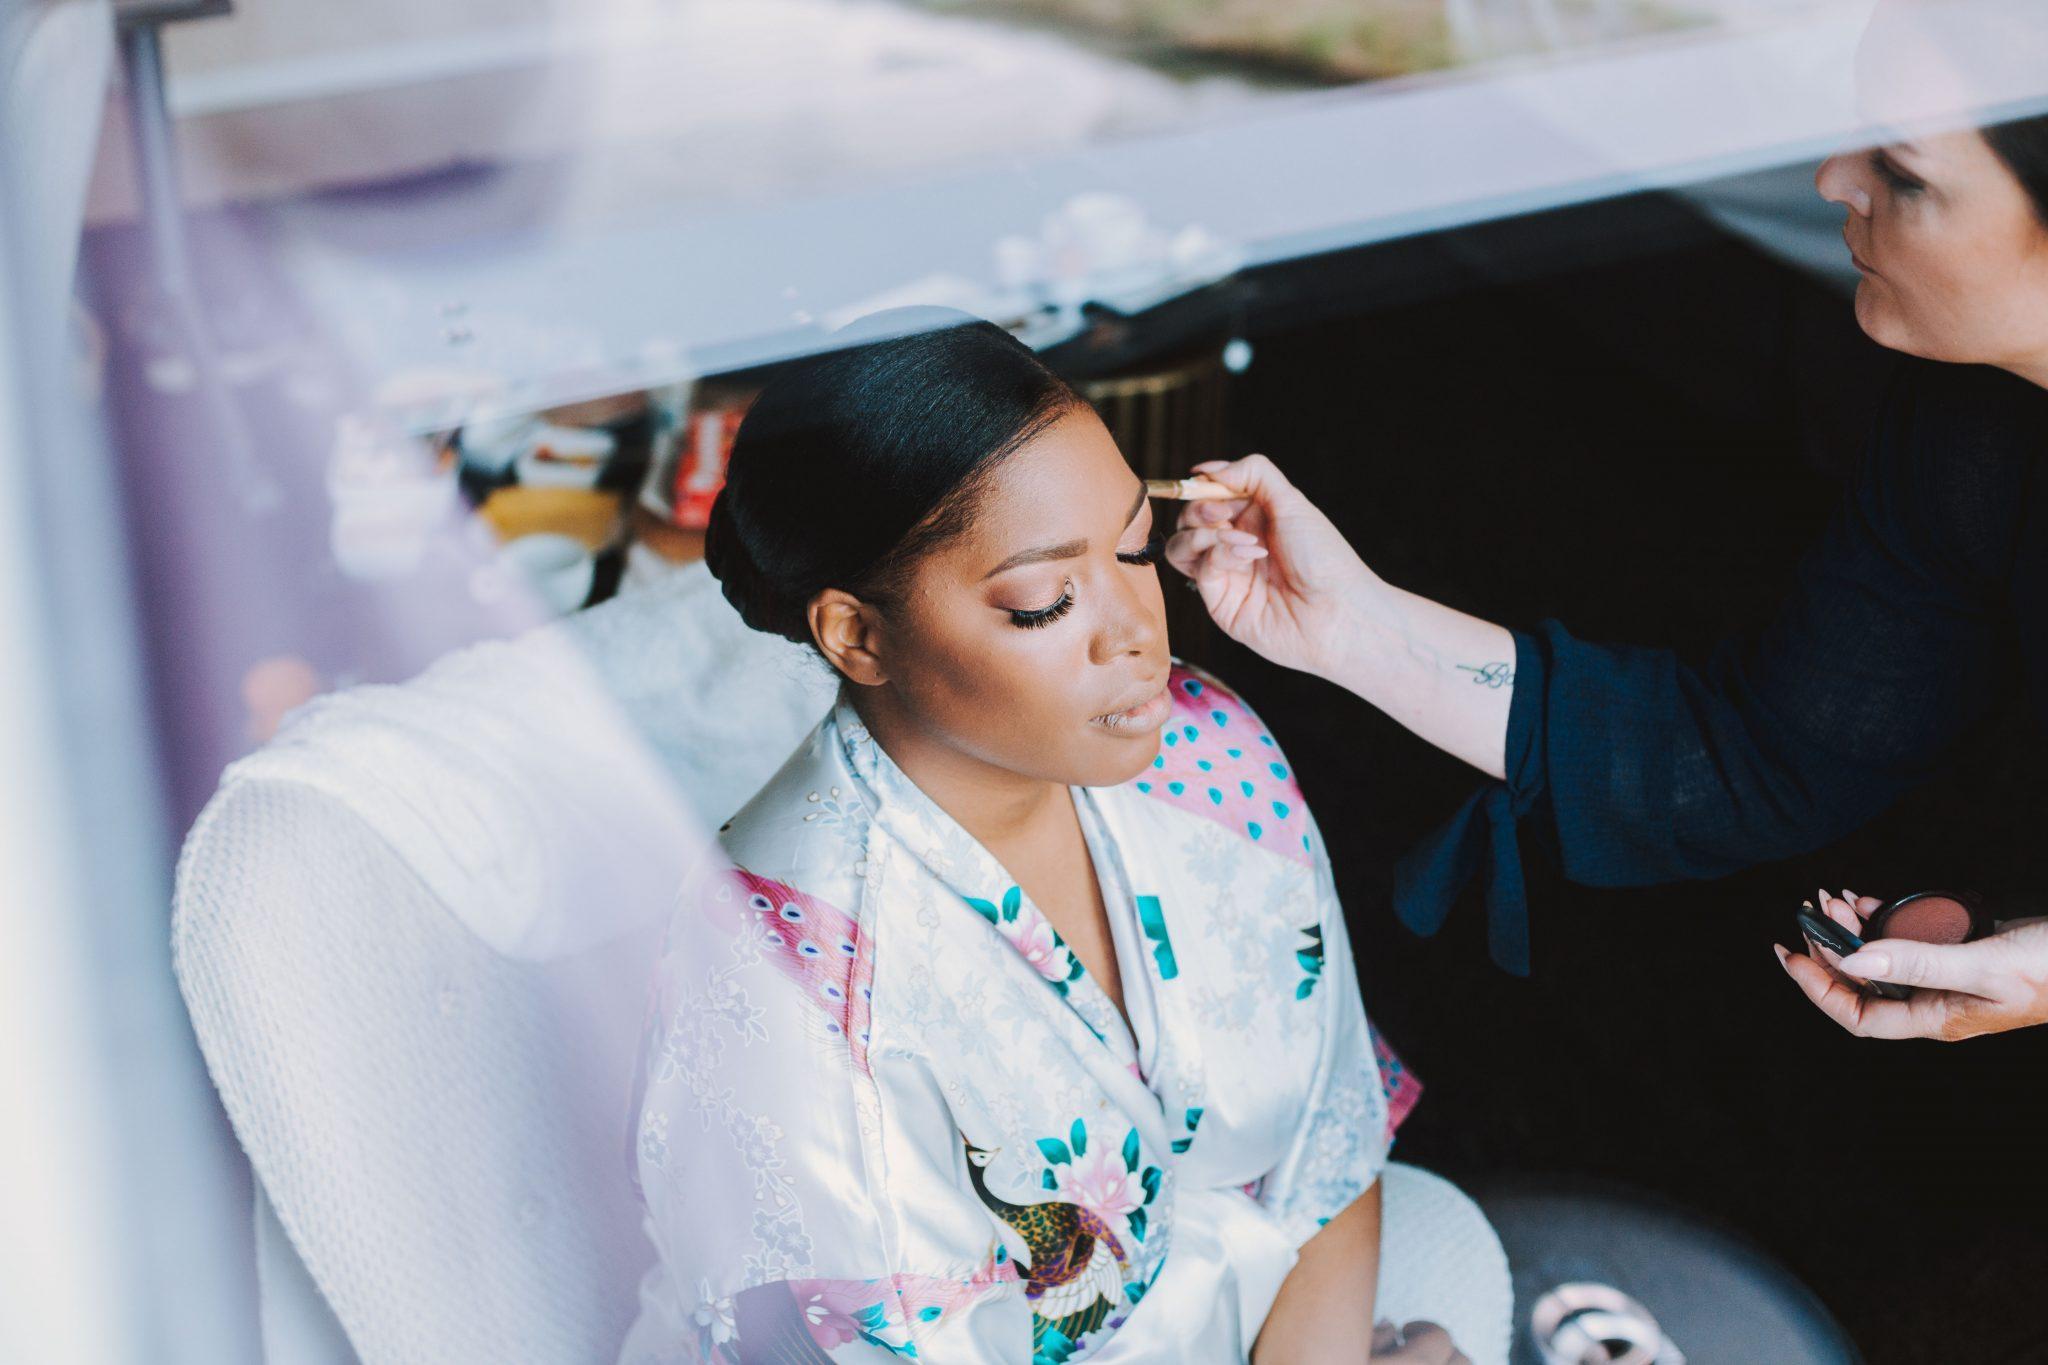 De bruid met Bruidsmake-up op haar bruiloft